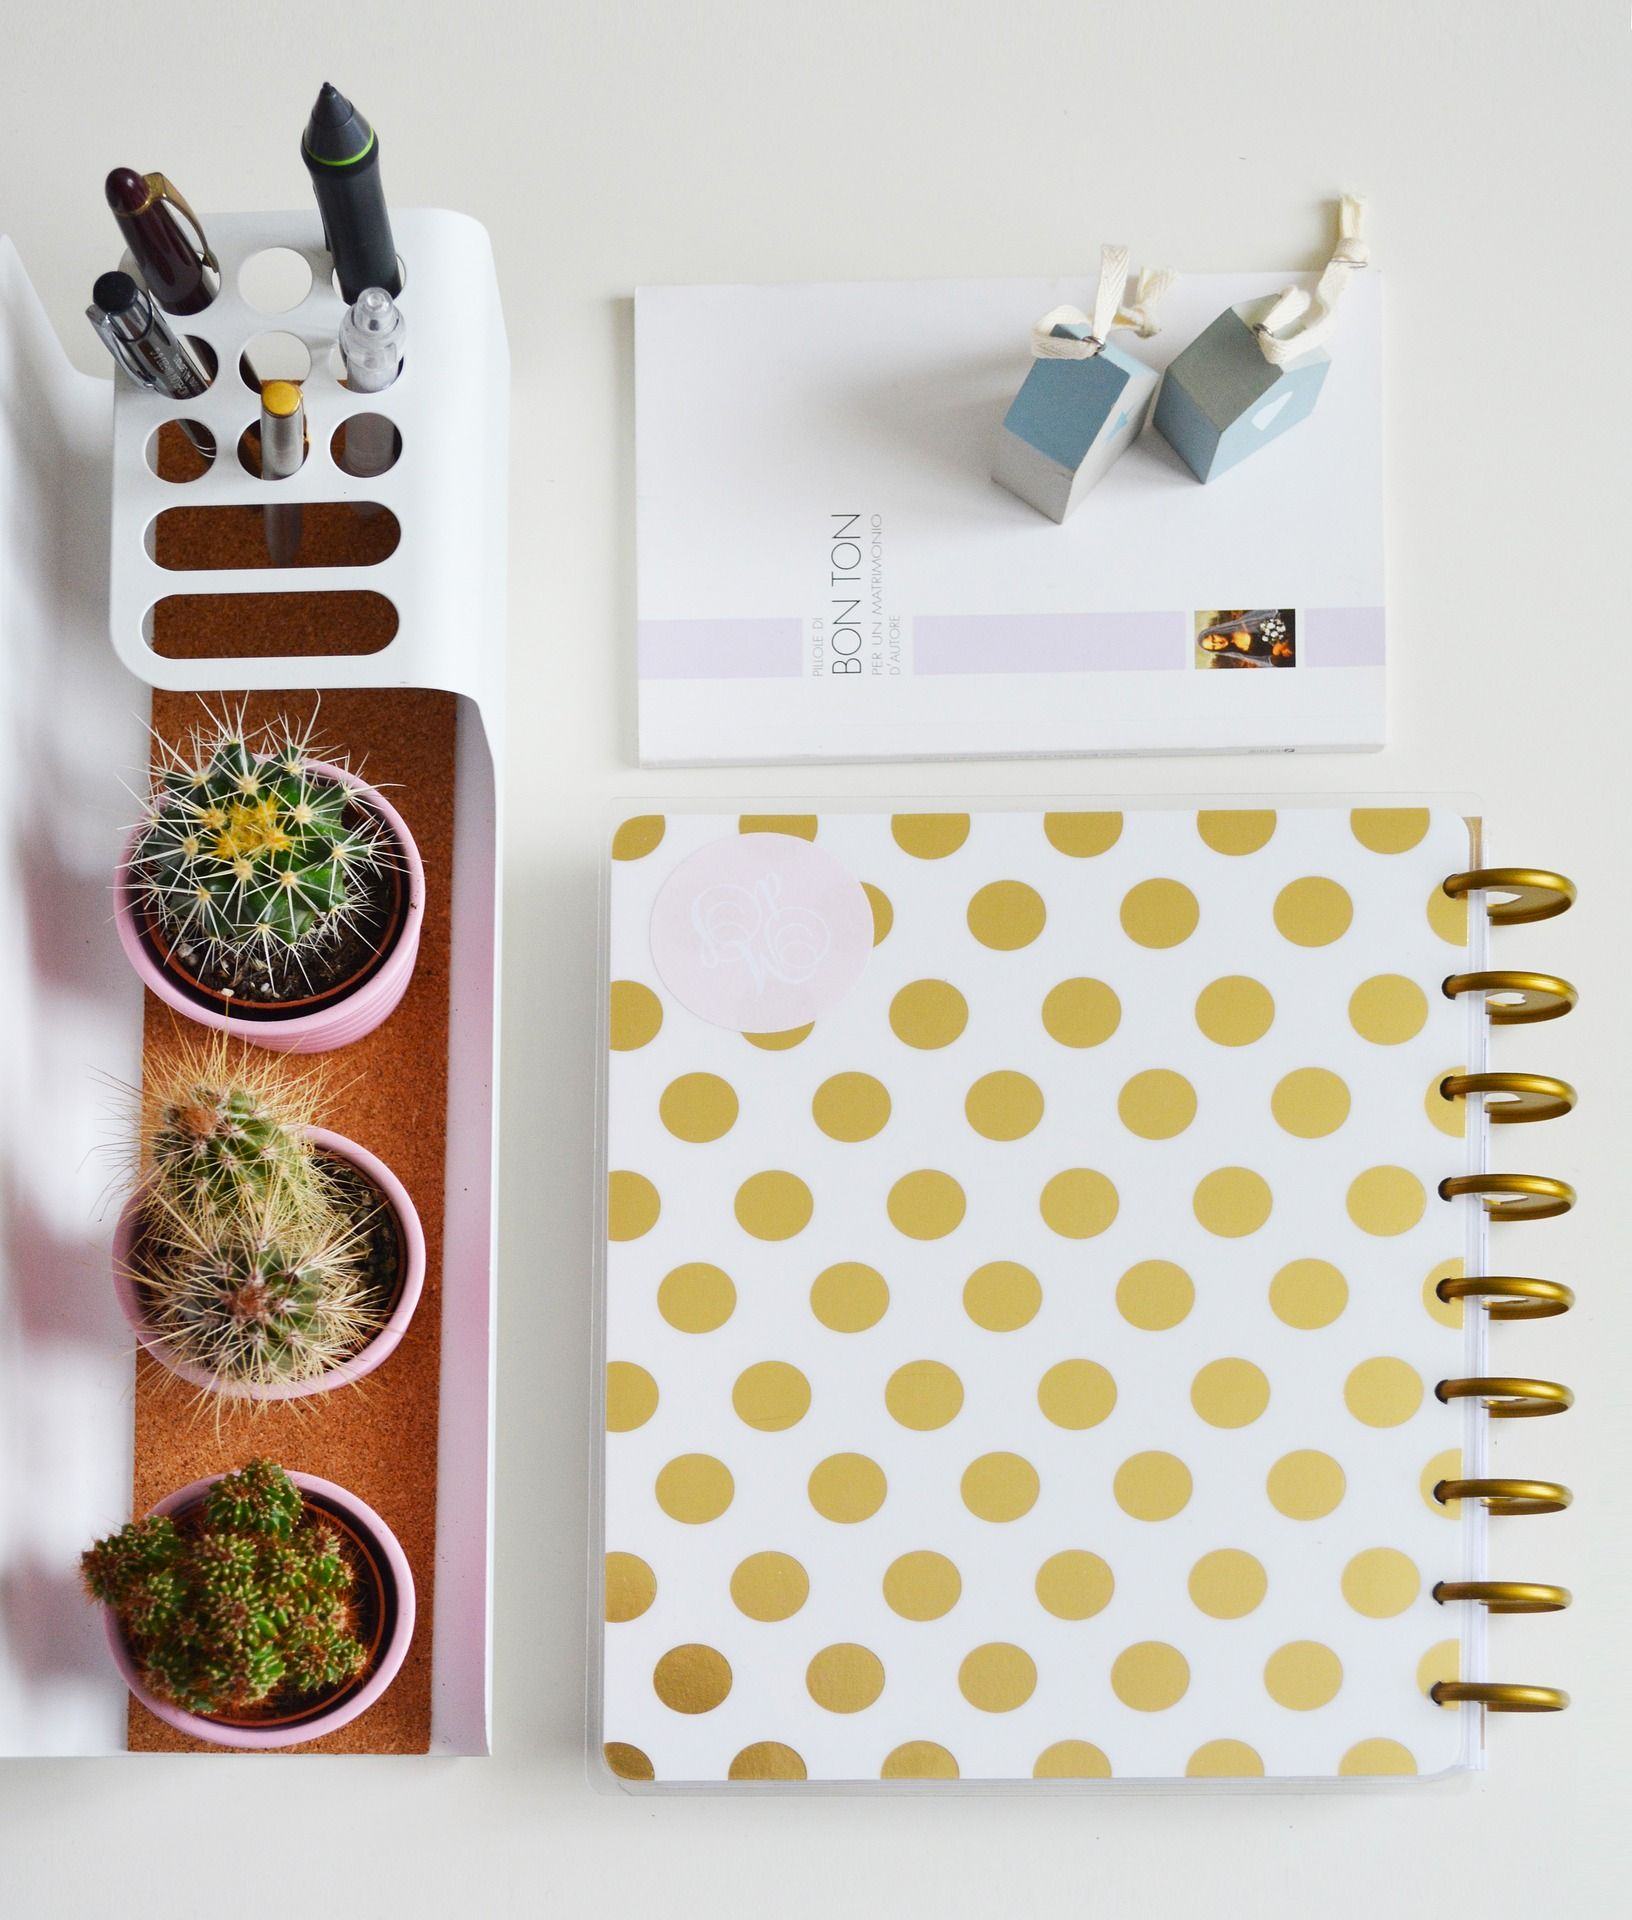 Las claves para elegir tu agenda perfecta. Ademas puedes descargar ...